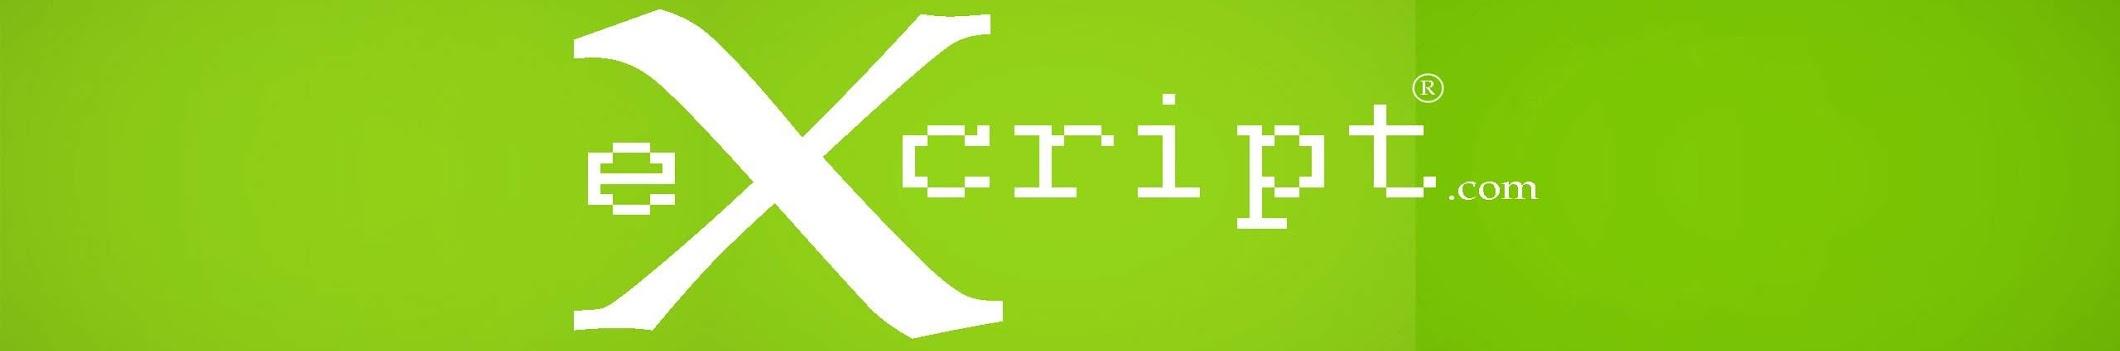 eXcript